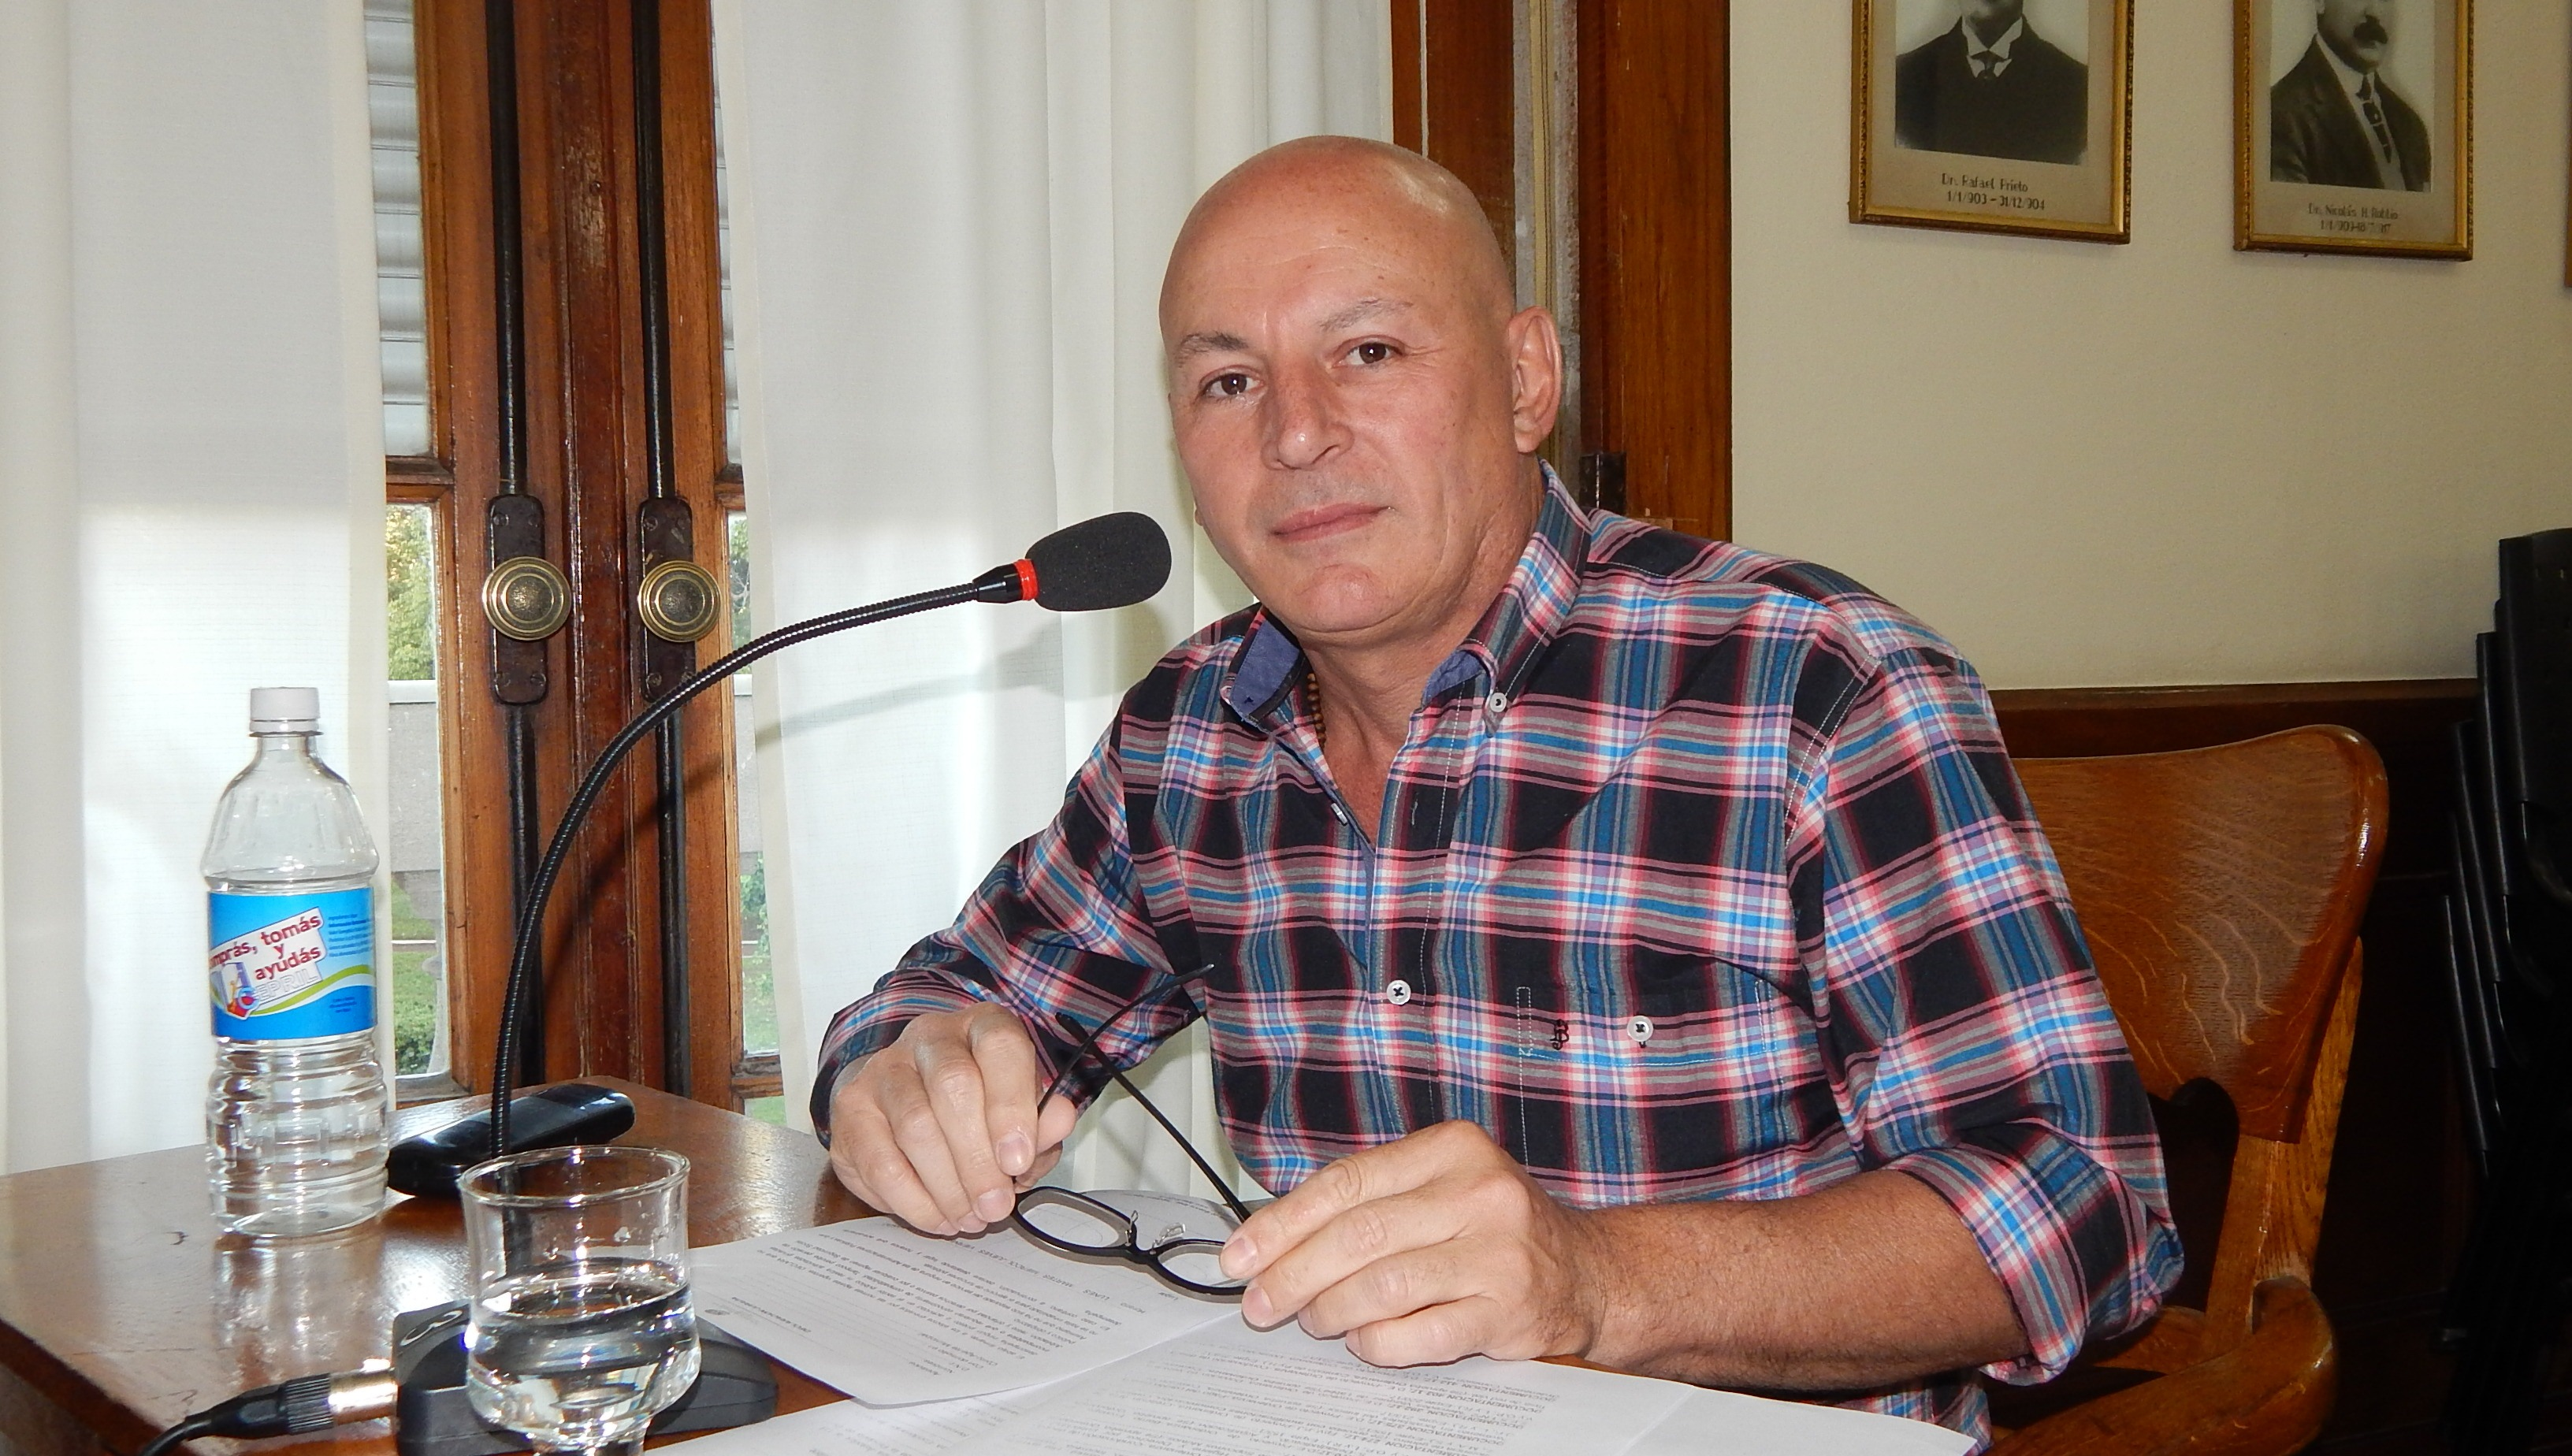 Horacio Delgado y Miguel Buldain  encabezan una de las listas que buscan presidir el PJ local